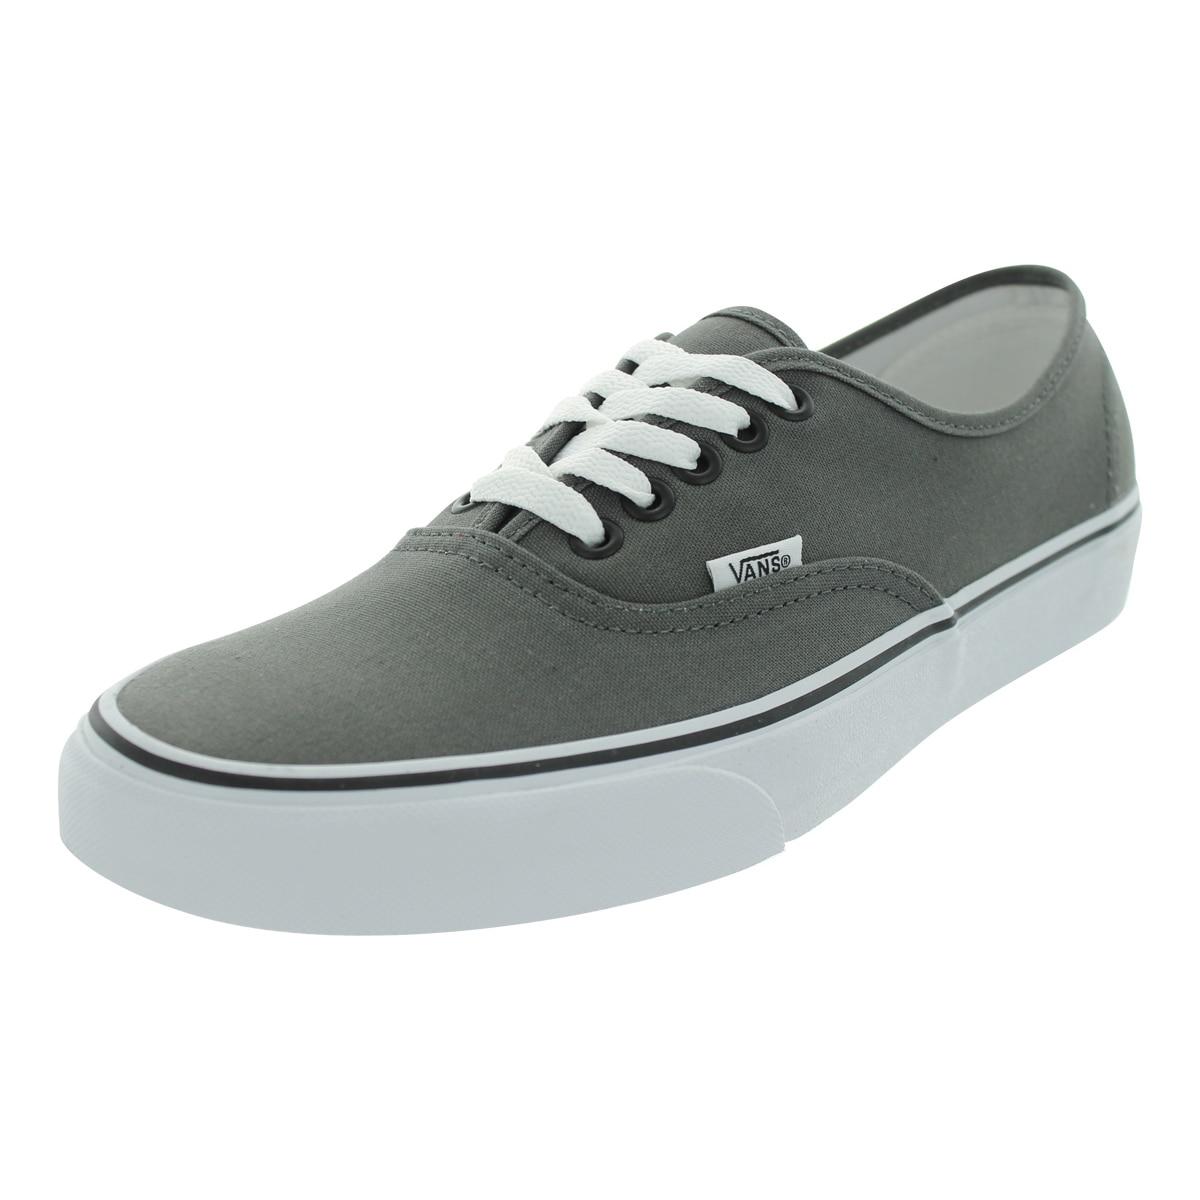 8e62986240 Shop Vans Men s Authentic Pewter Black Canvas Skate Shoes - Free ...